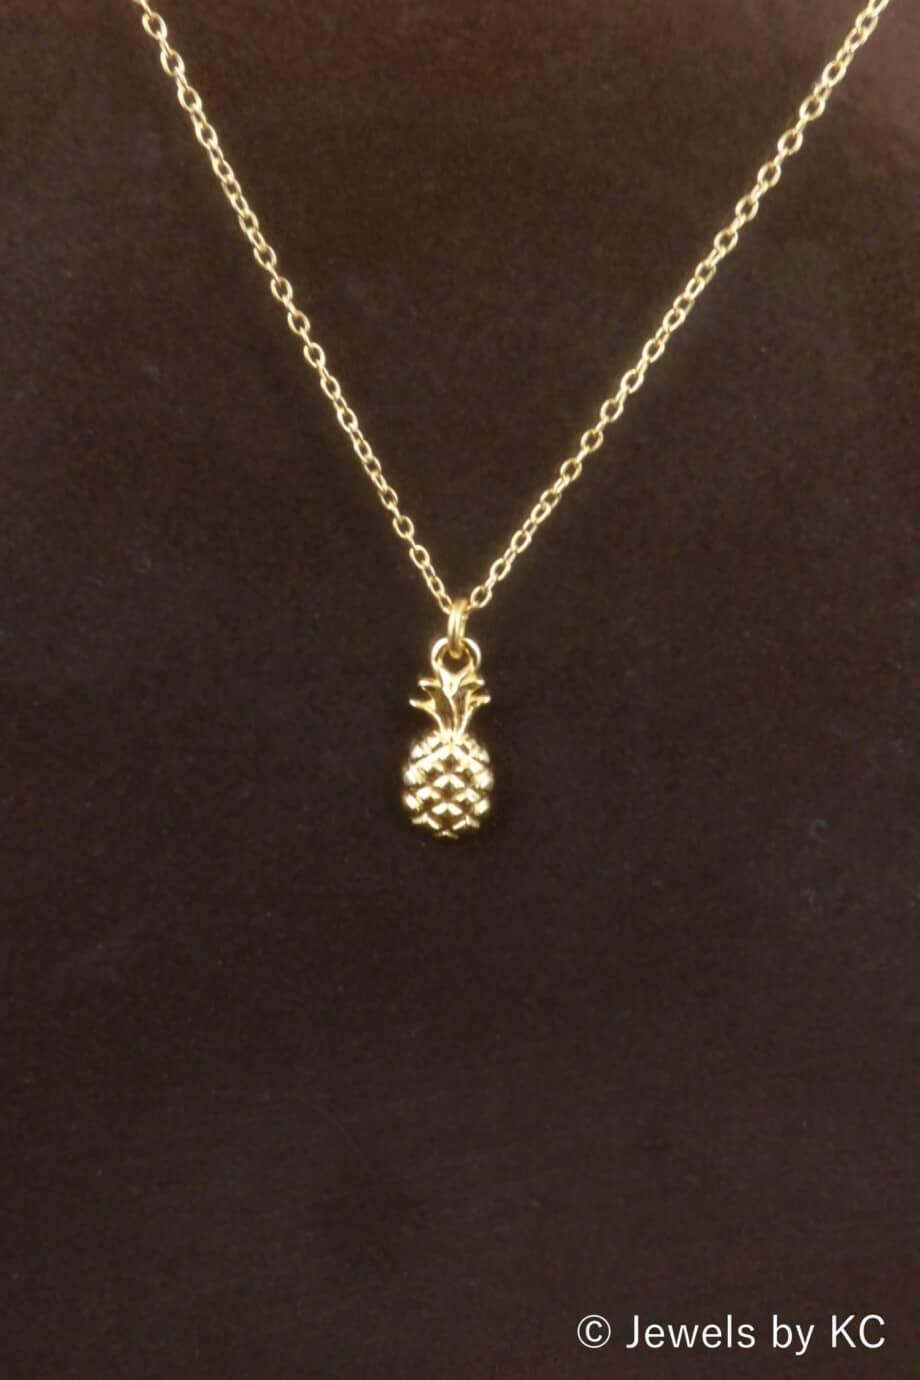 Gouden ketting met 'Ananas' hanger van Goud op Zilver